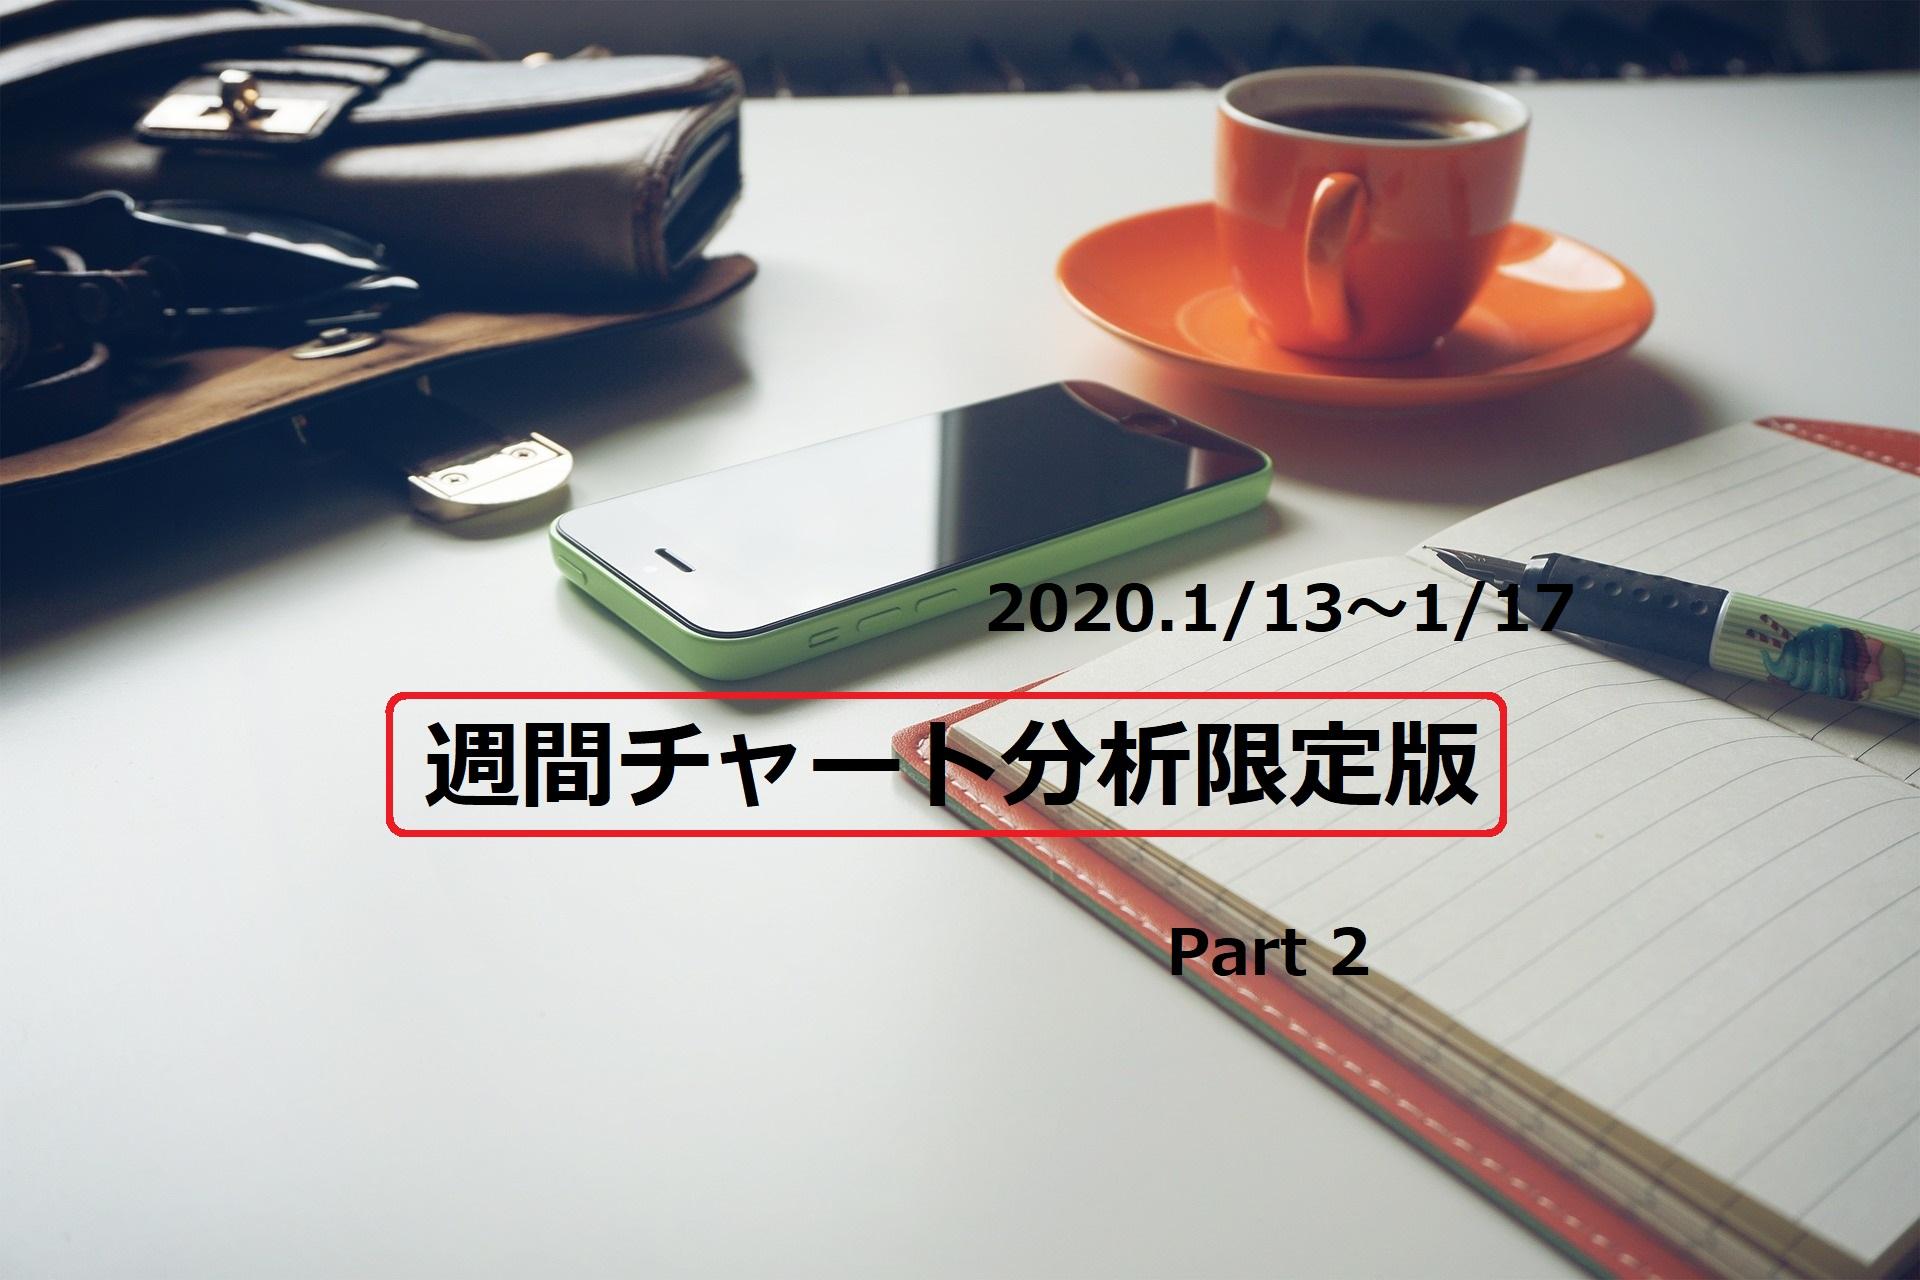 【FX】週間チャート分析限定版【2020.1/13~1/17】【Part2】